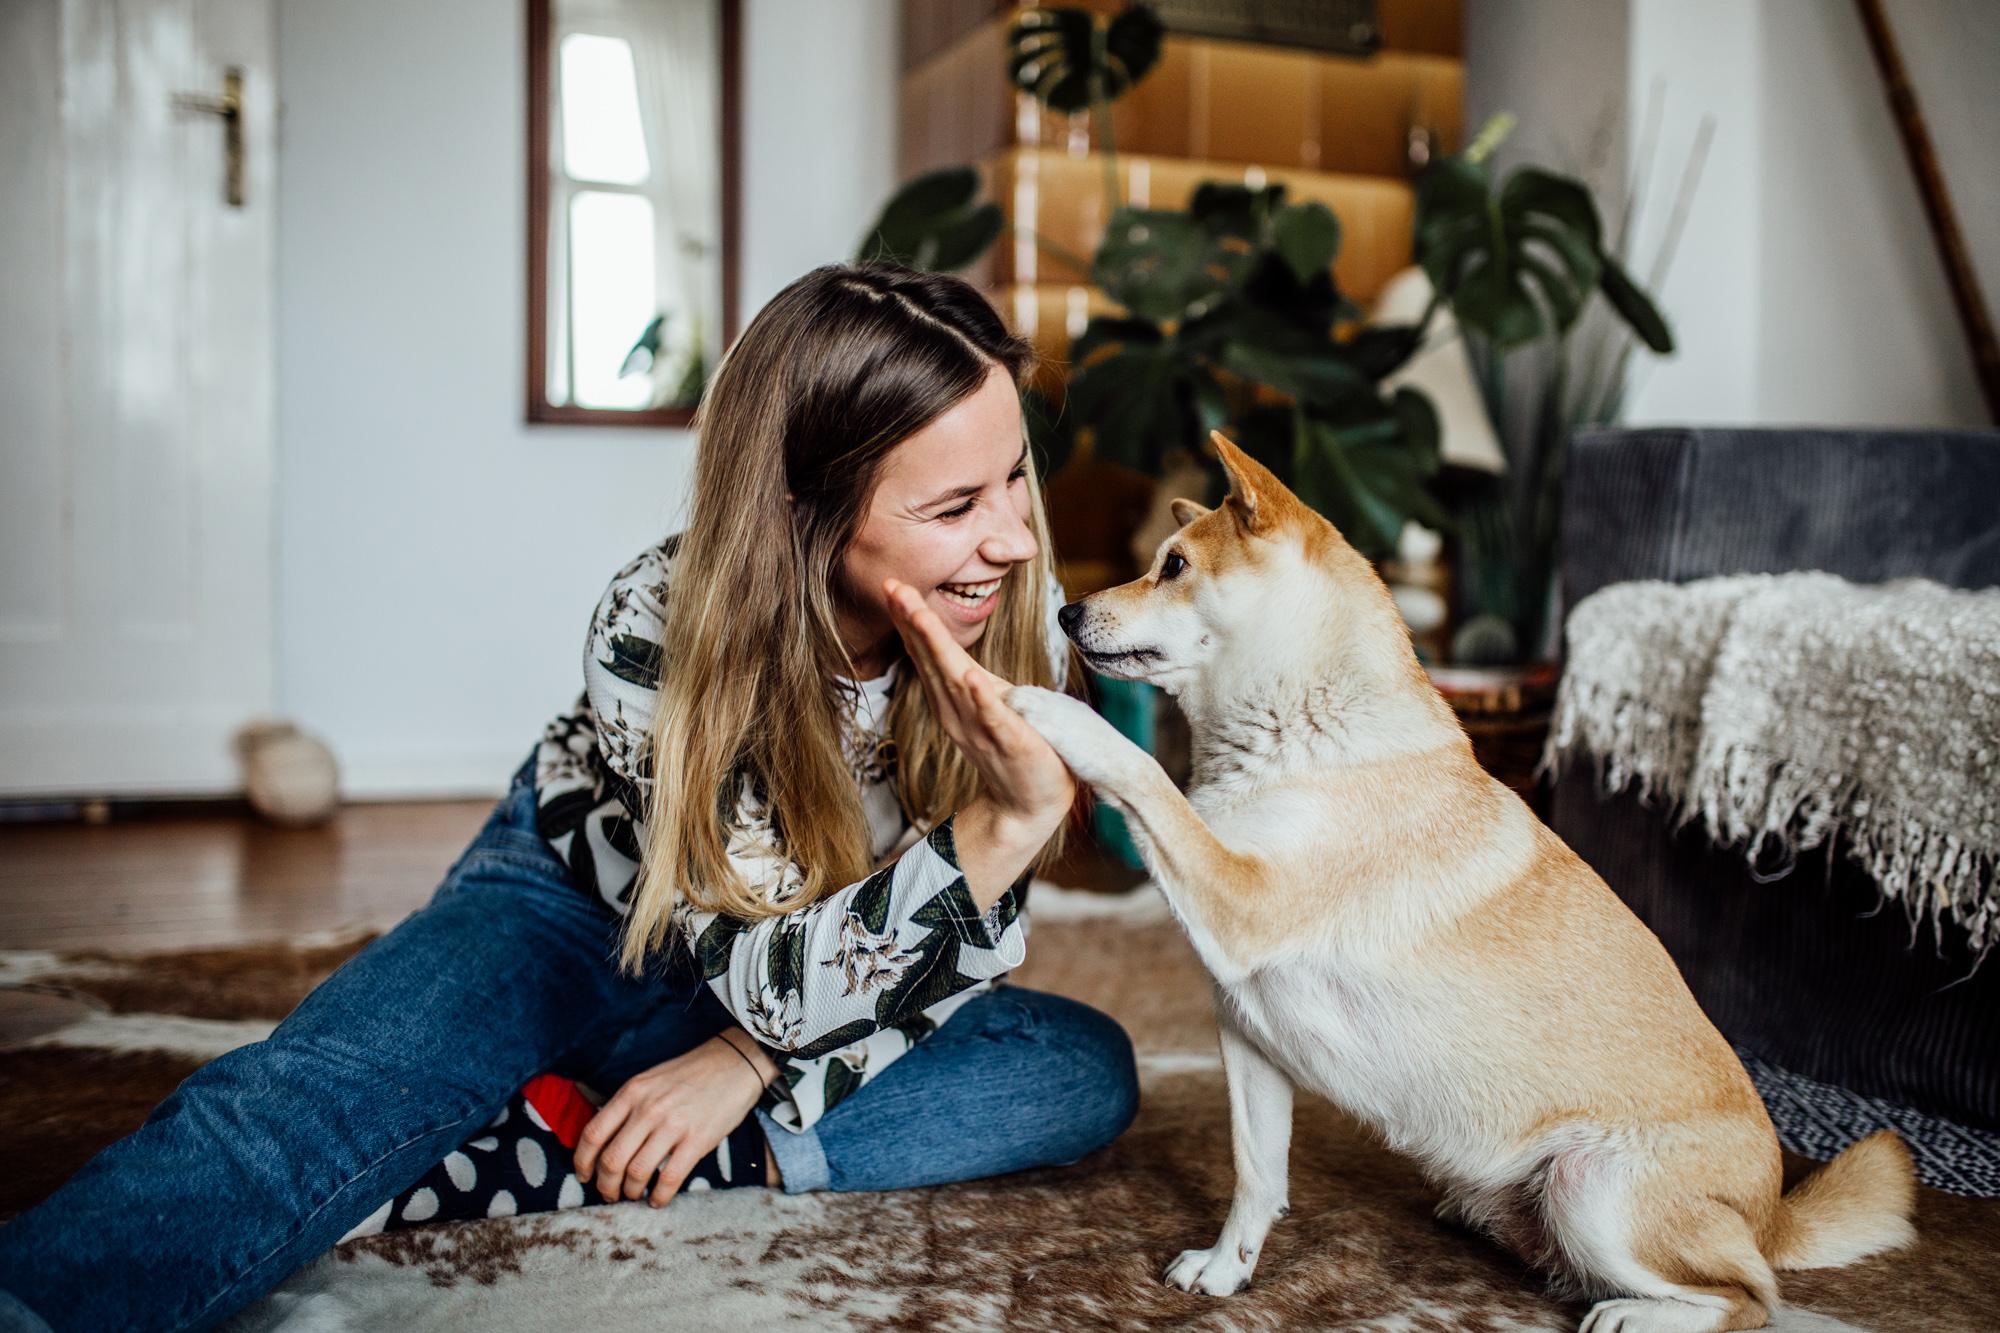 Frau sitzt mit Hund vor einem grauen Sofa, Hund gibt